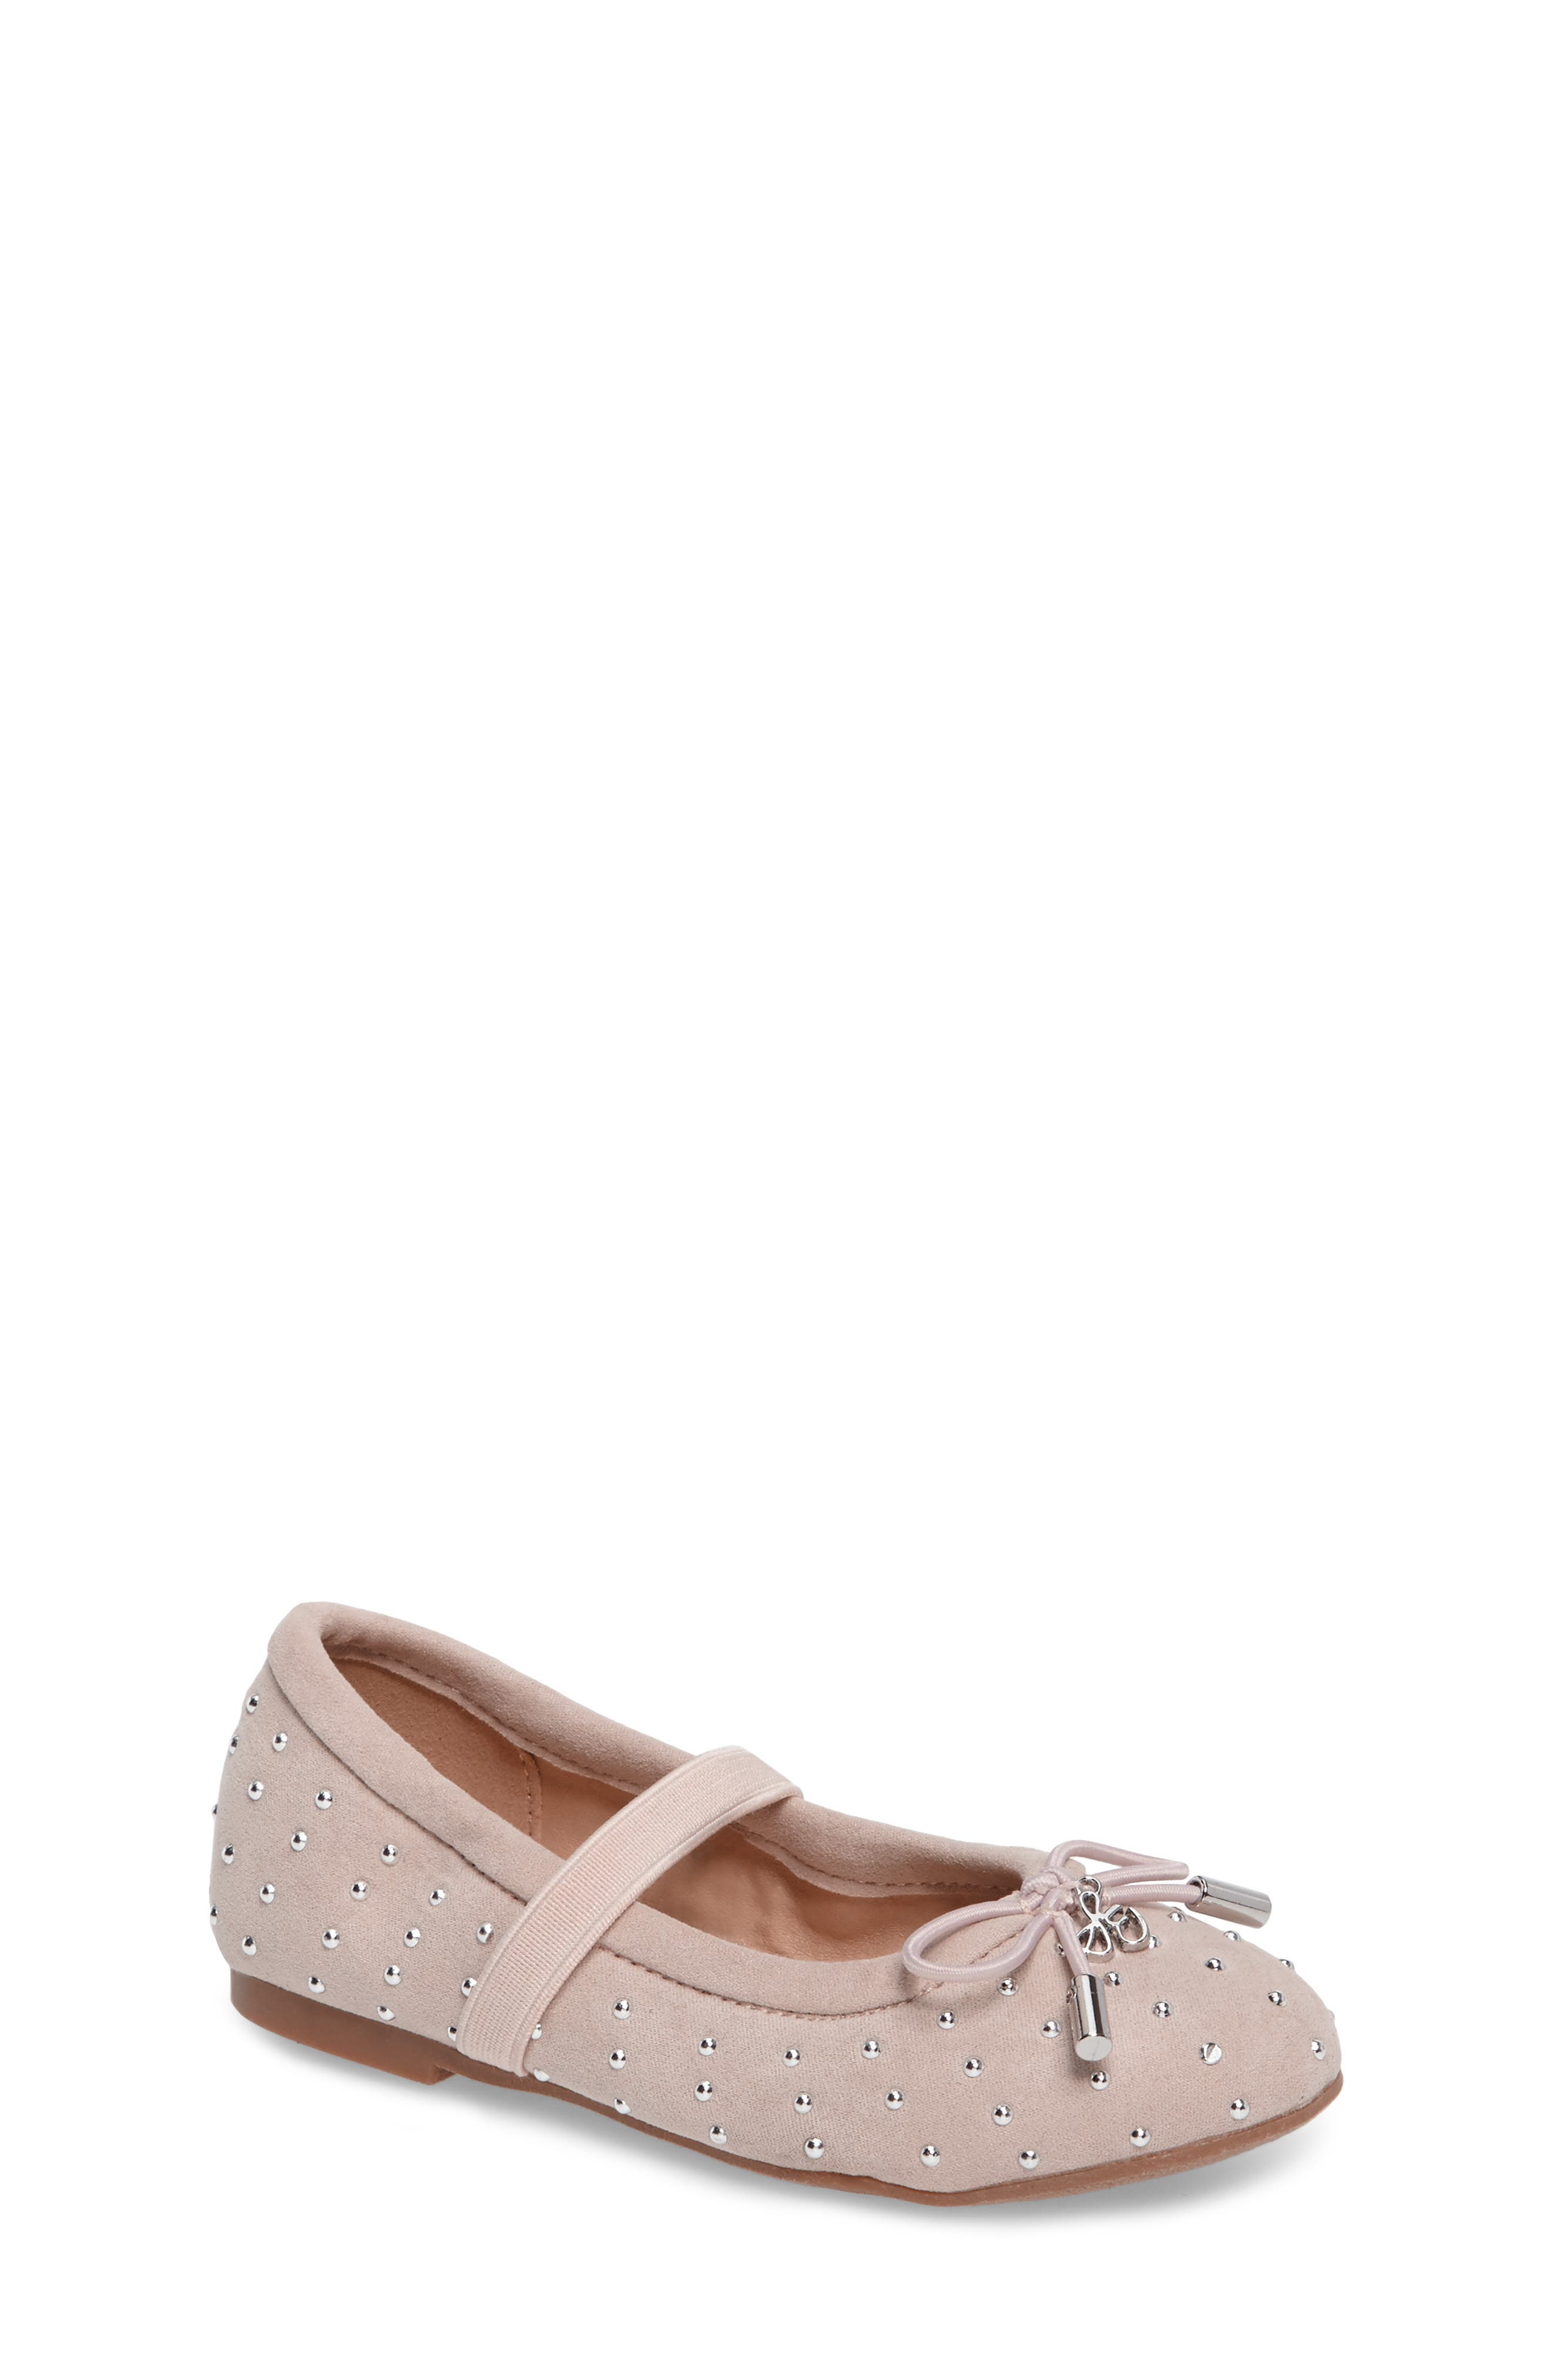 Sam Edelman Felicia Ballet Flats (Walker & Toddler)